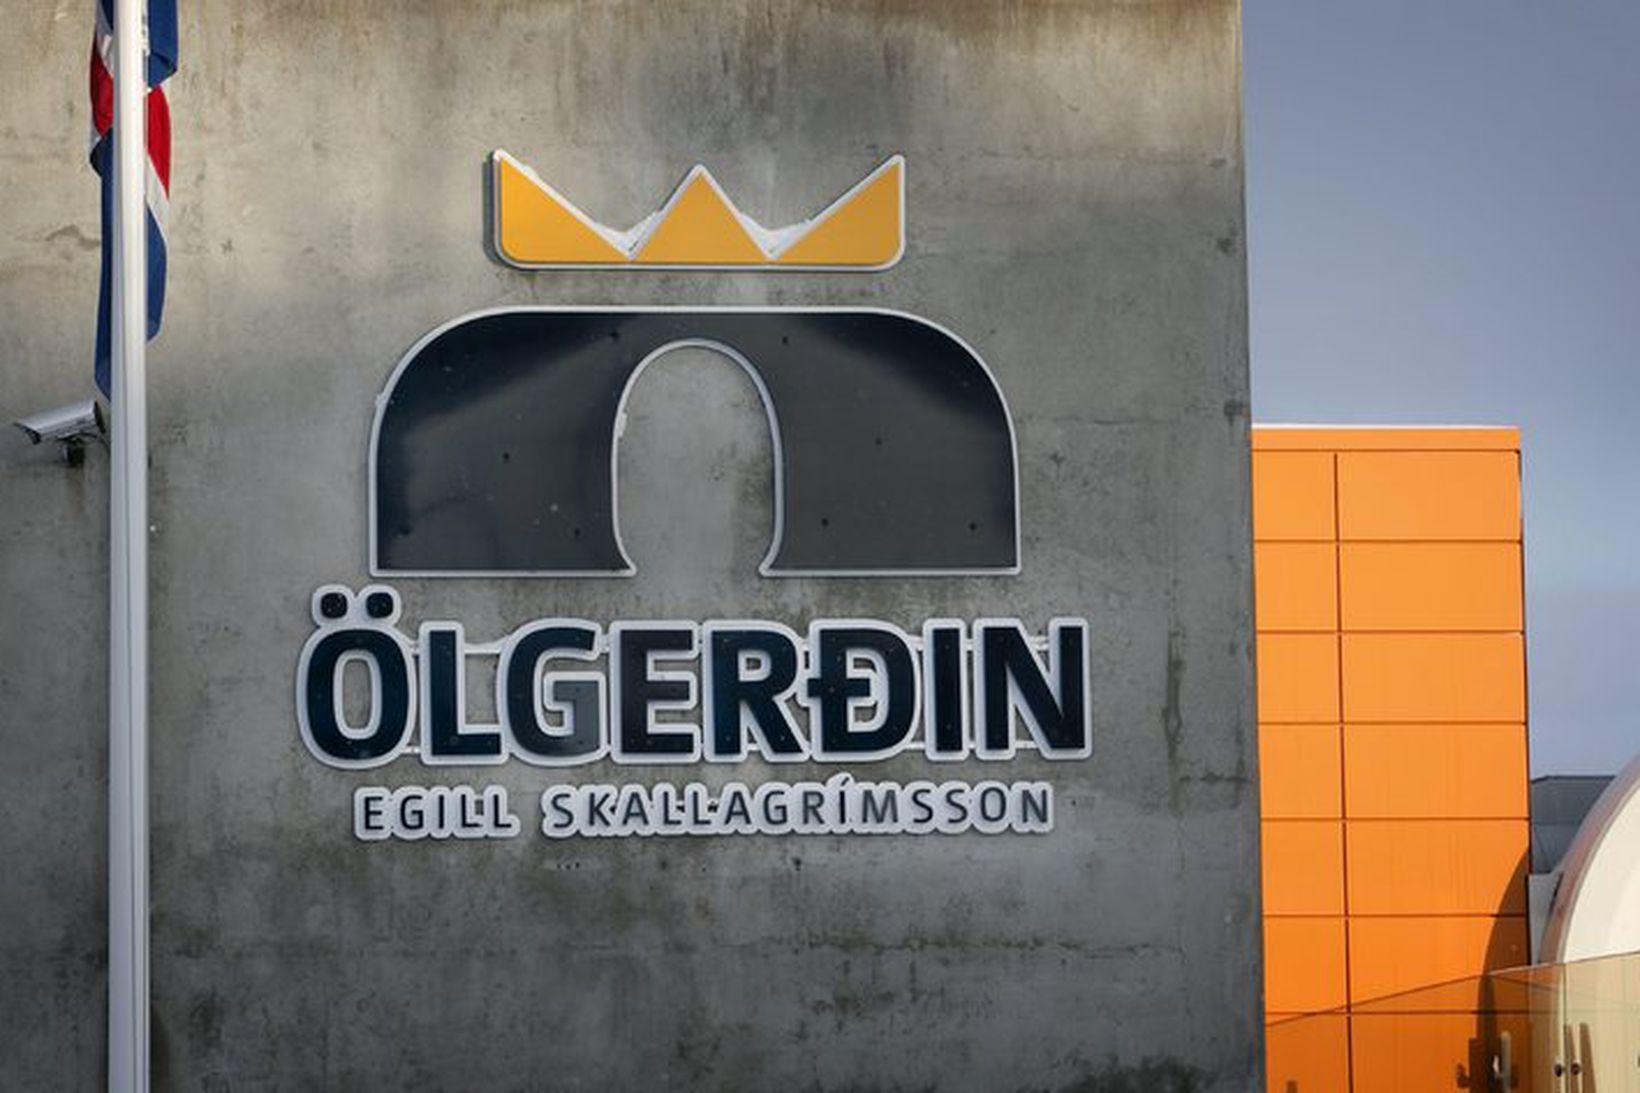 Ölgerðin Egill Skallagrímsson er að Grjóthálsi.